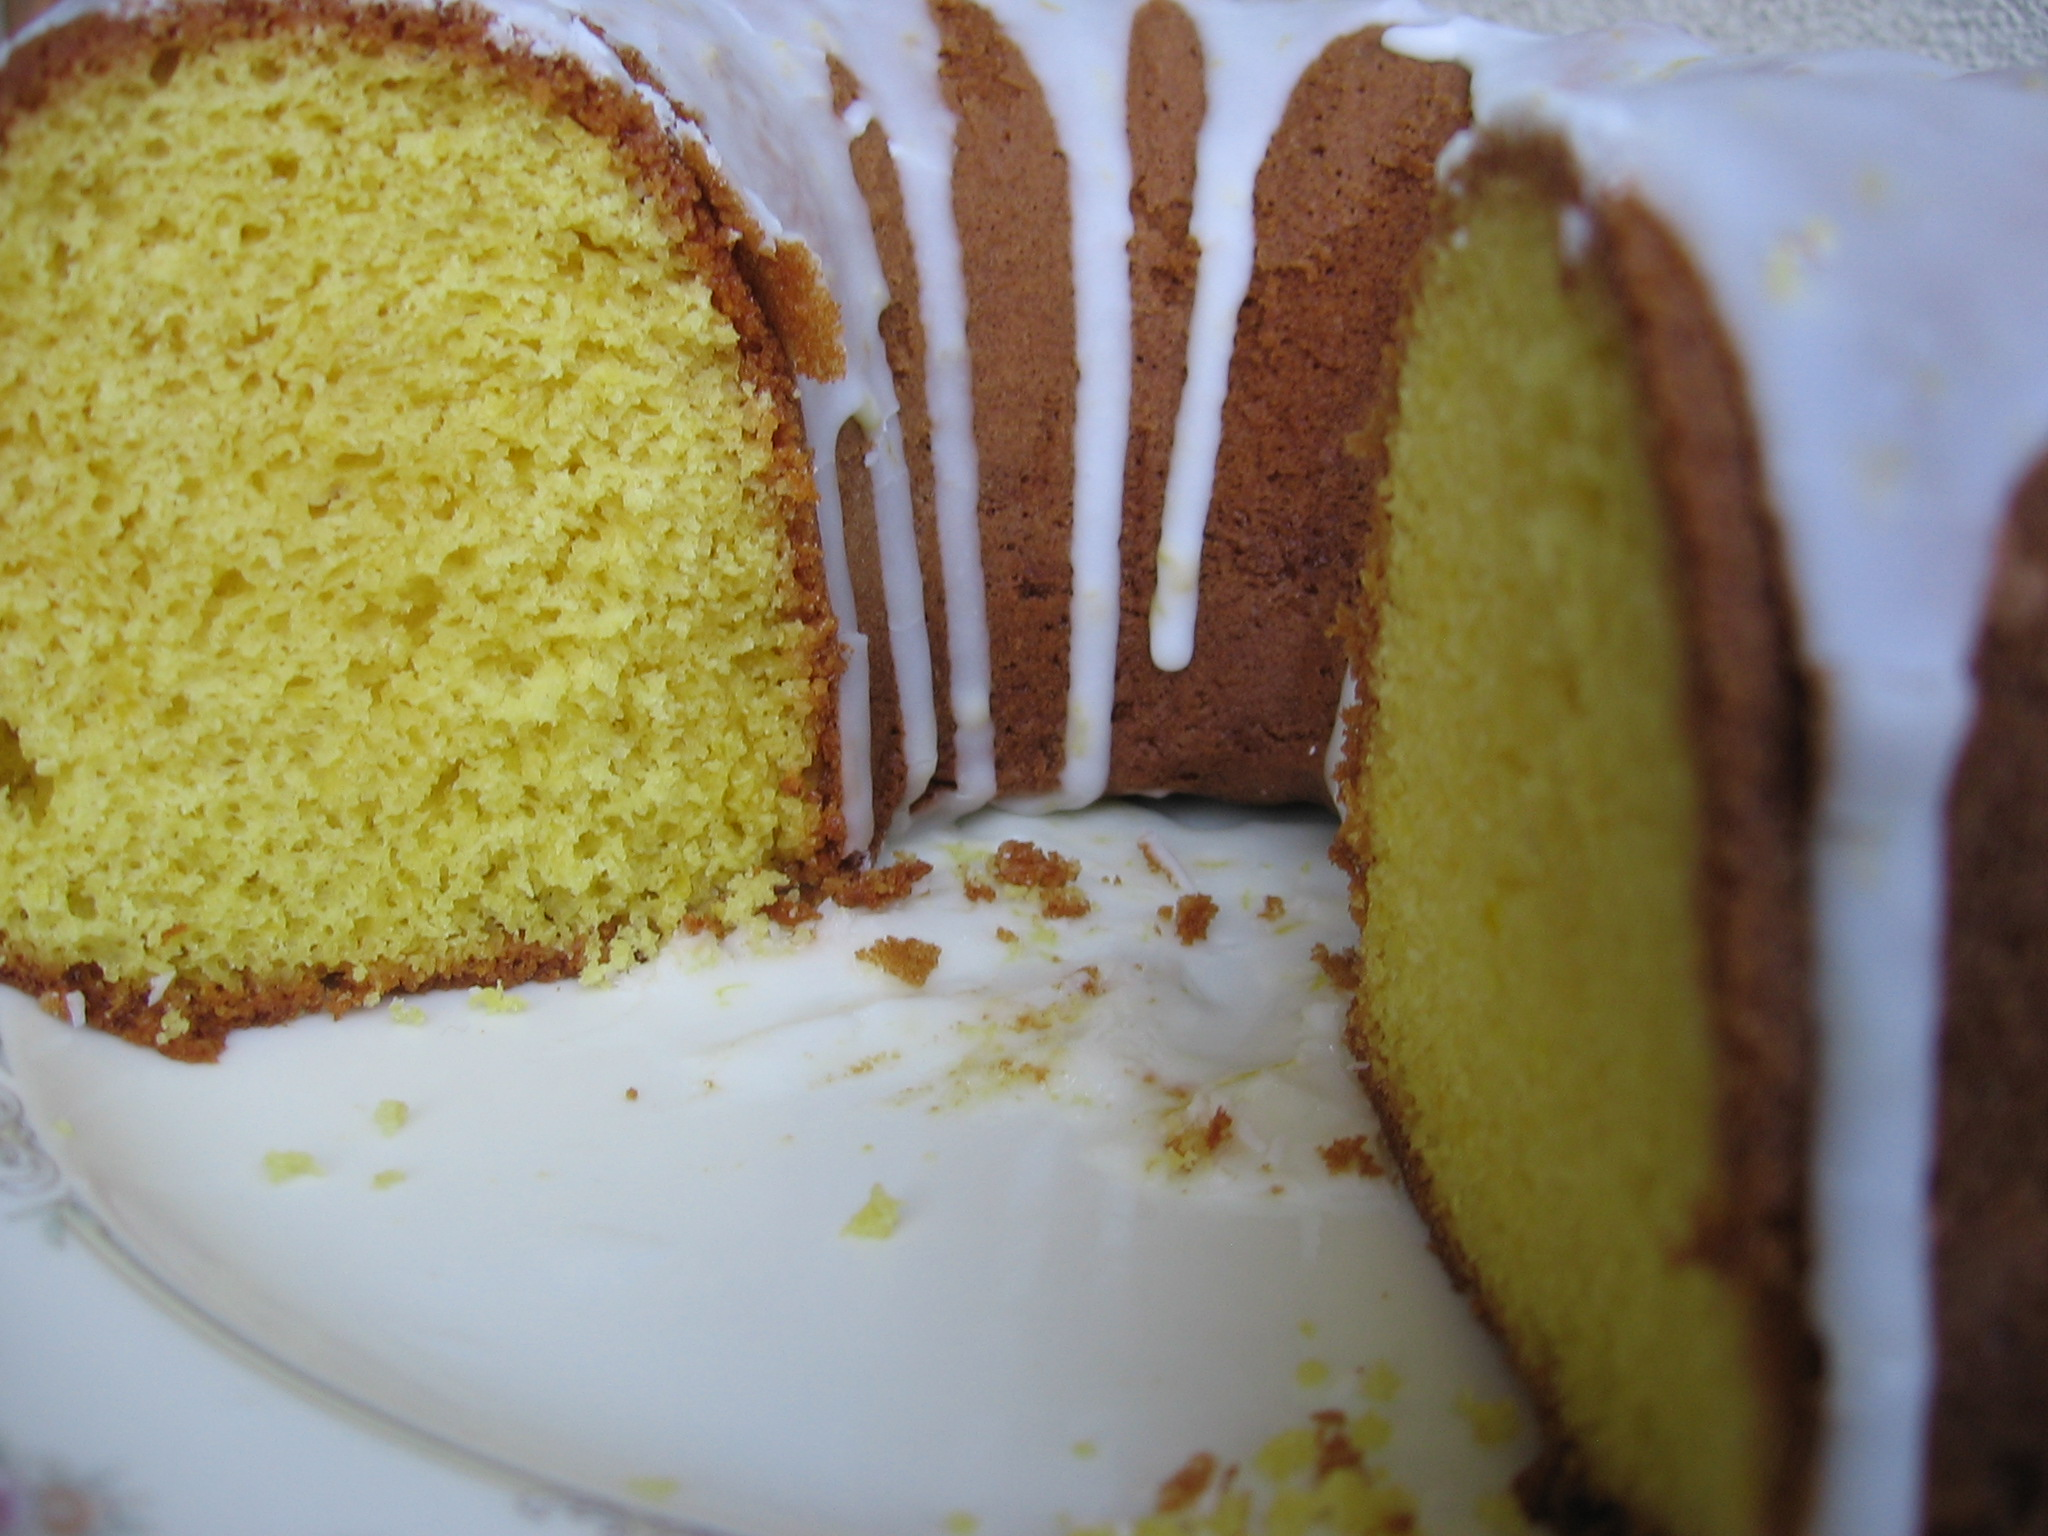 Best Lemon Cake In Phoenix